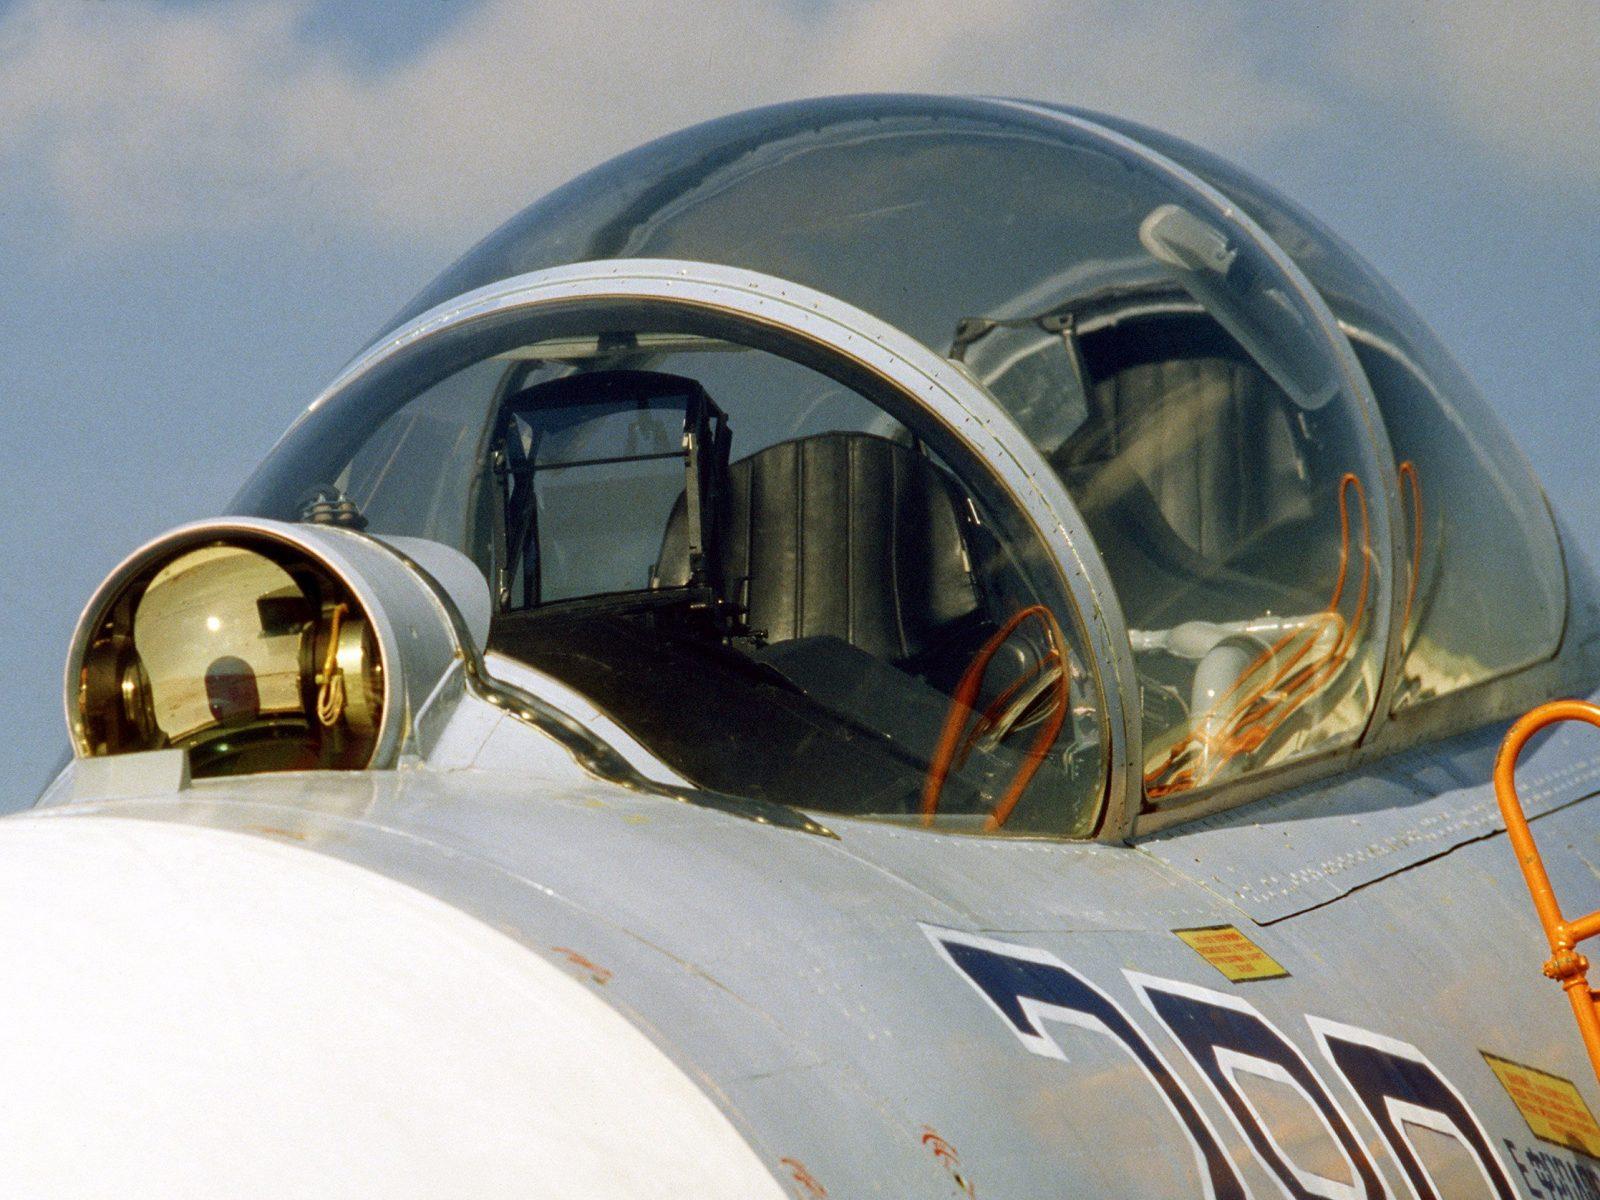 SU-57 Infrared Search and Track